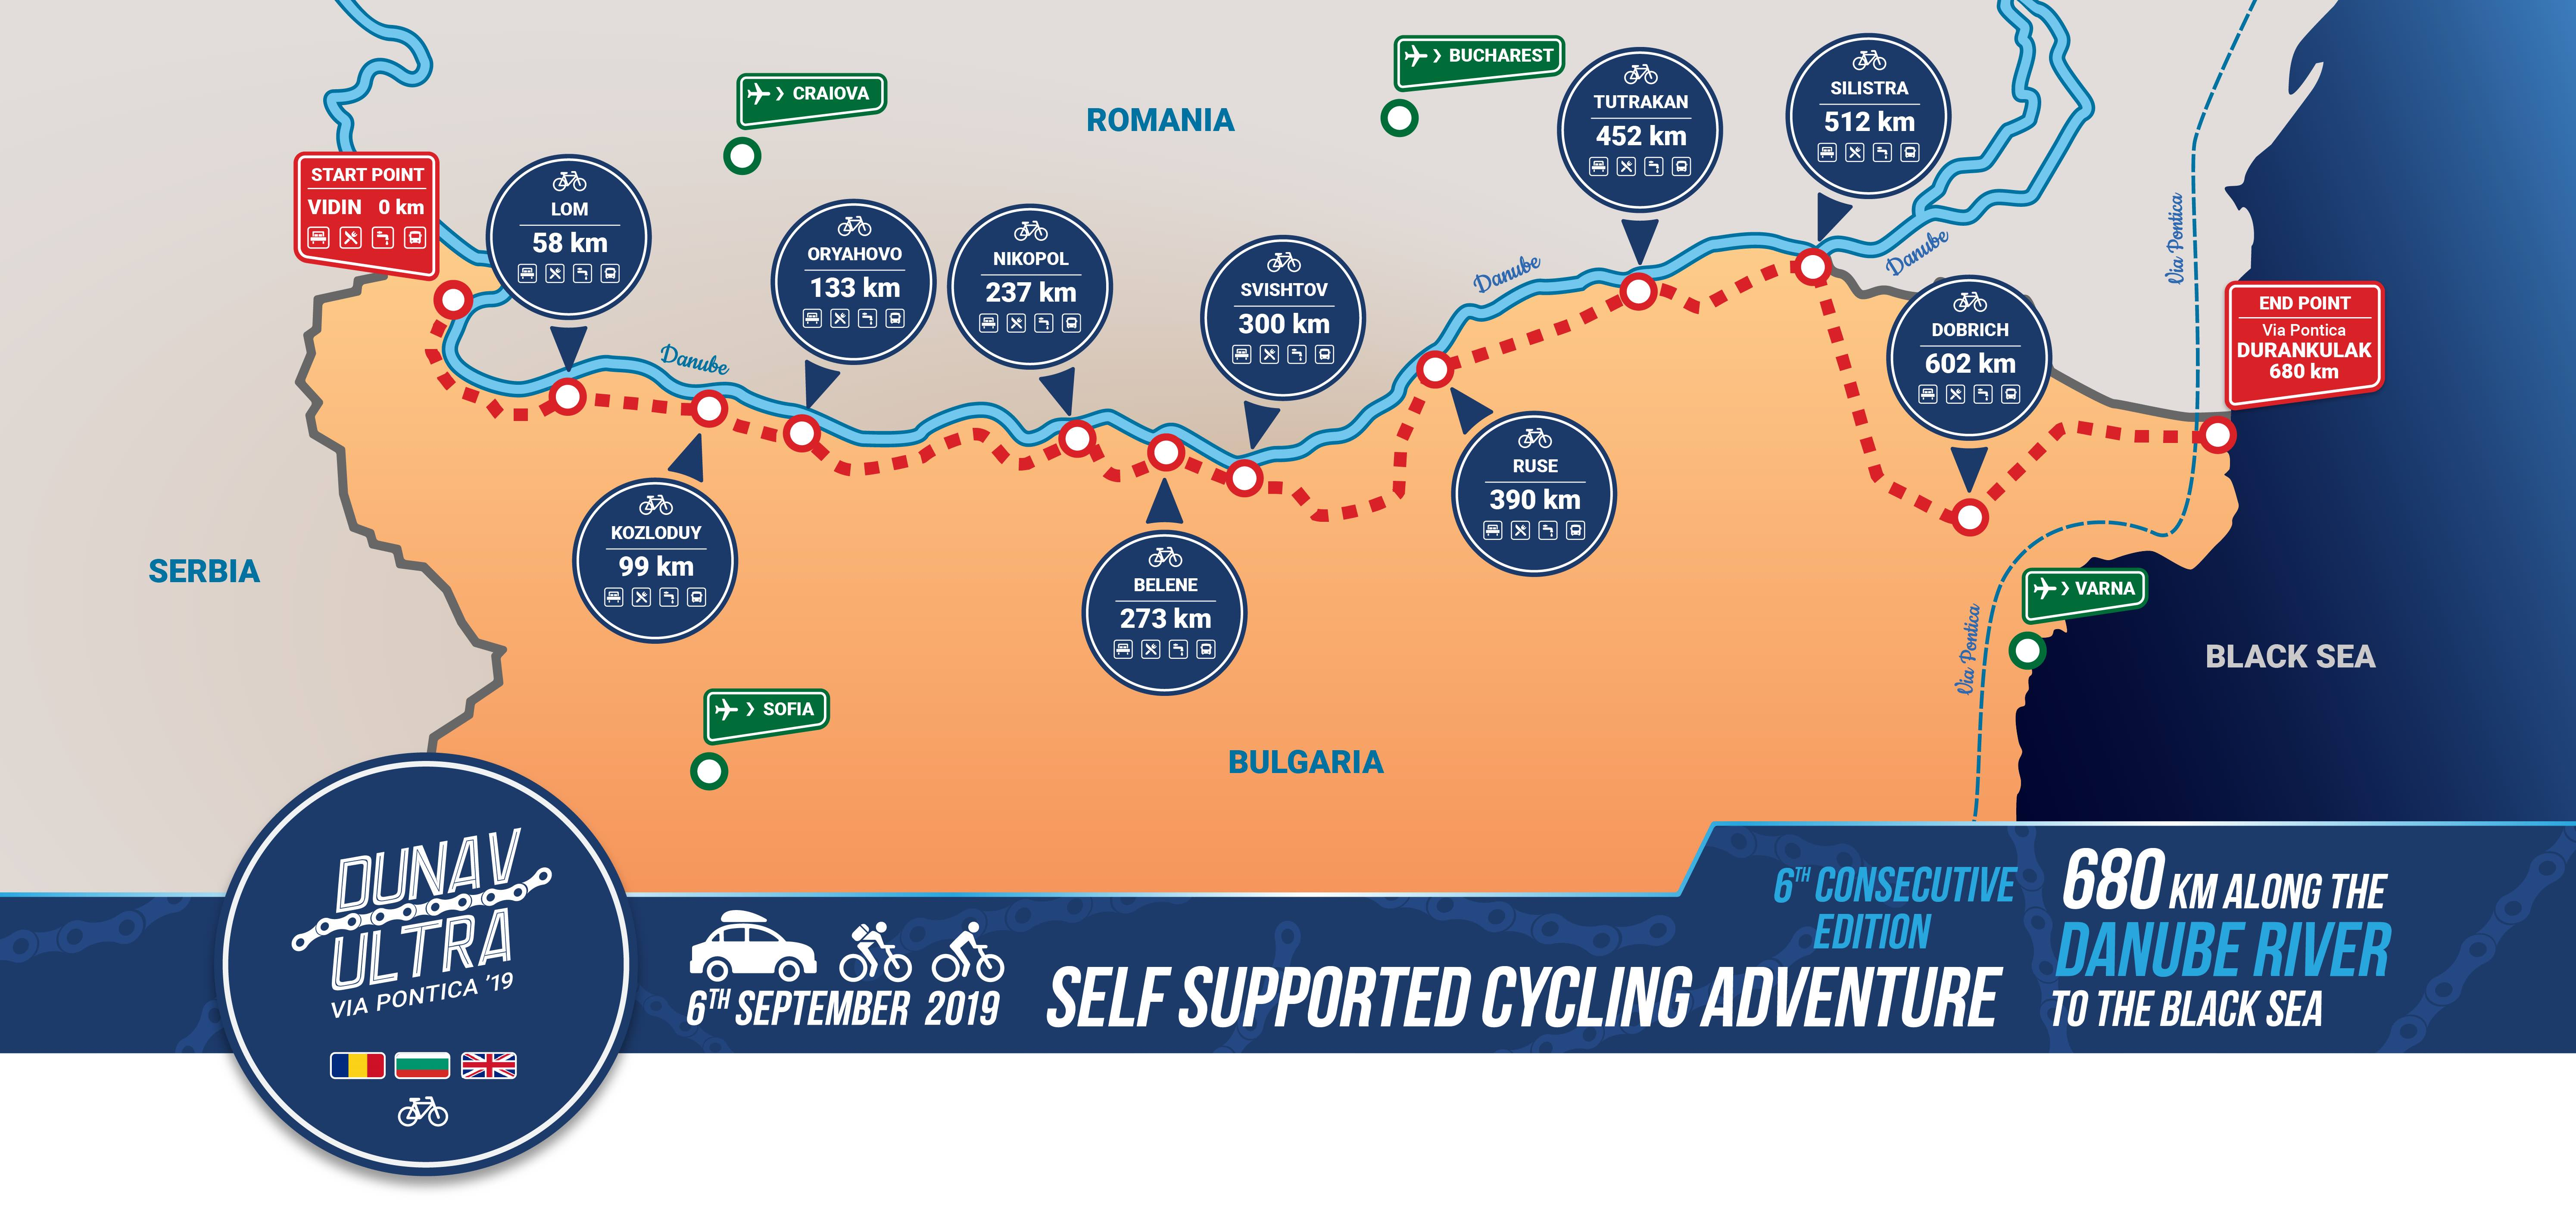 Dunav Ultra: Via Pontica - Self Supported Cycling Adventure 2019